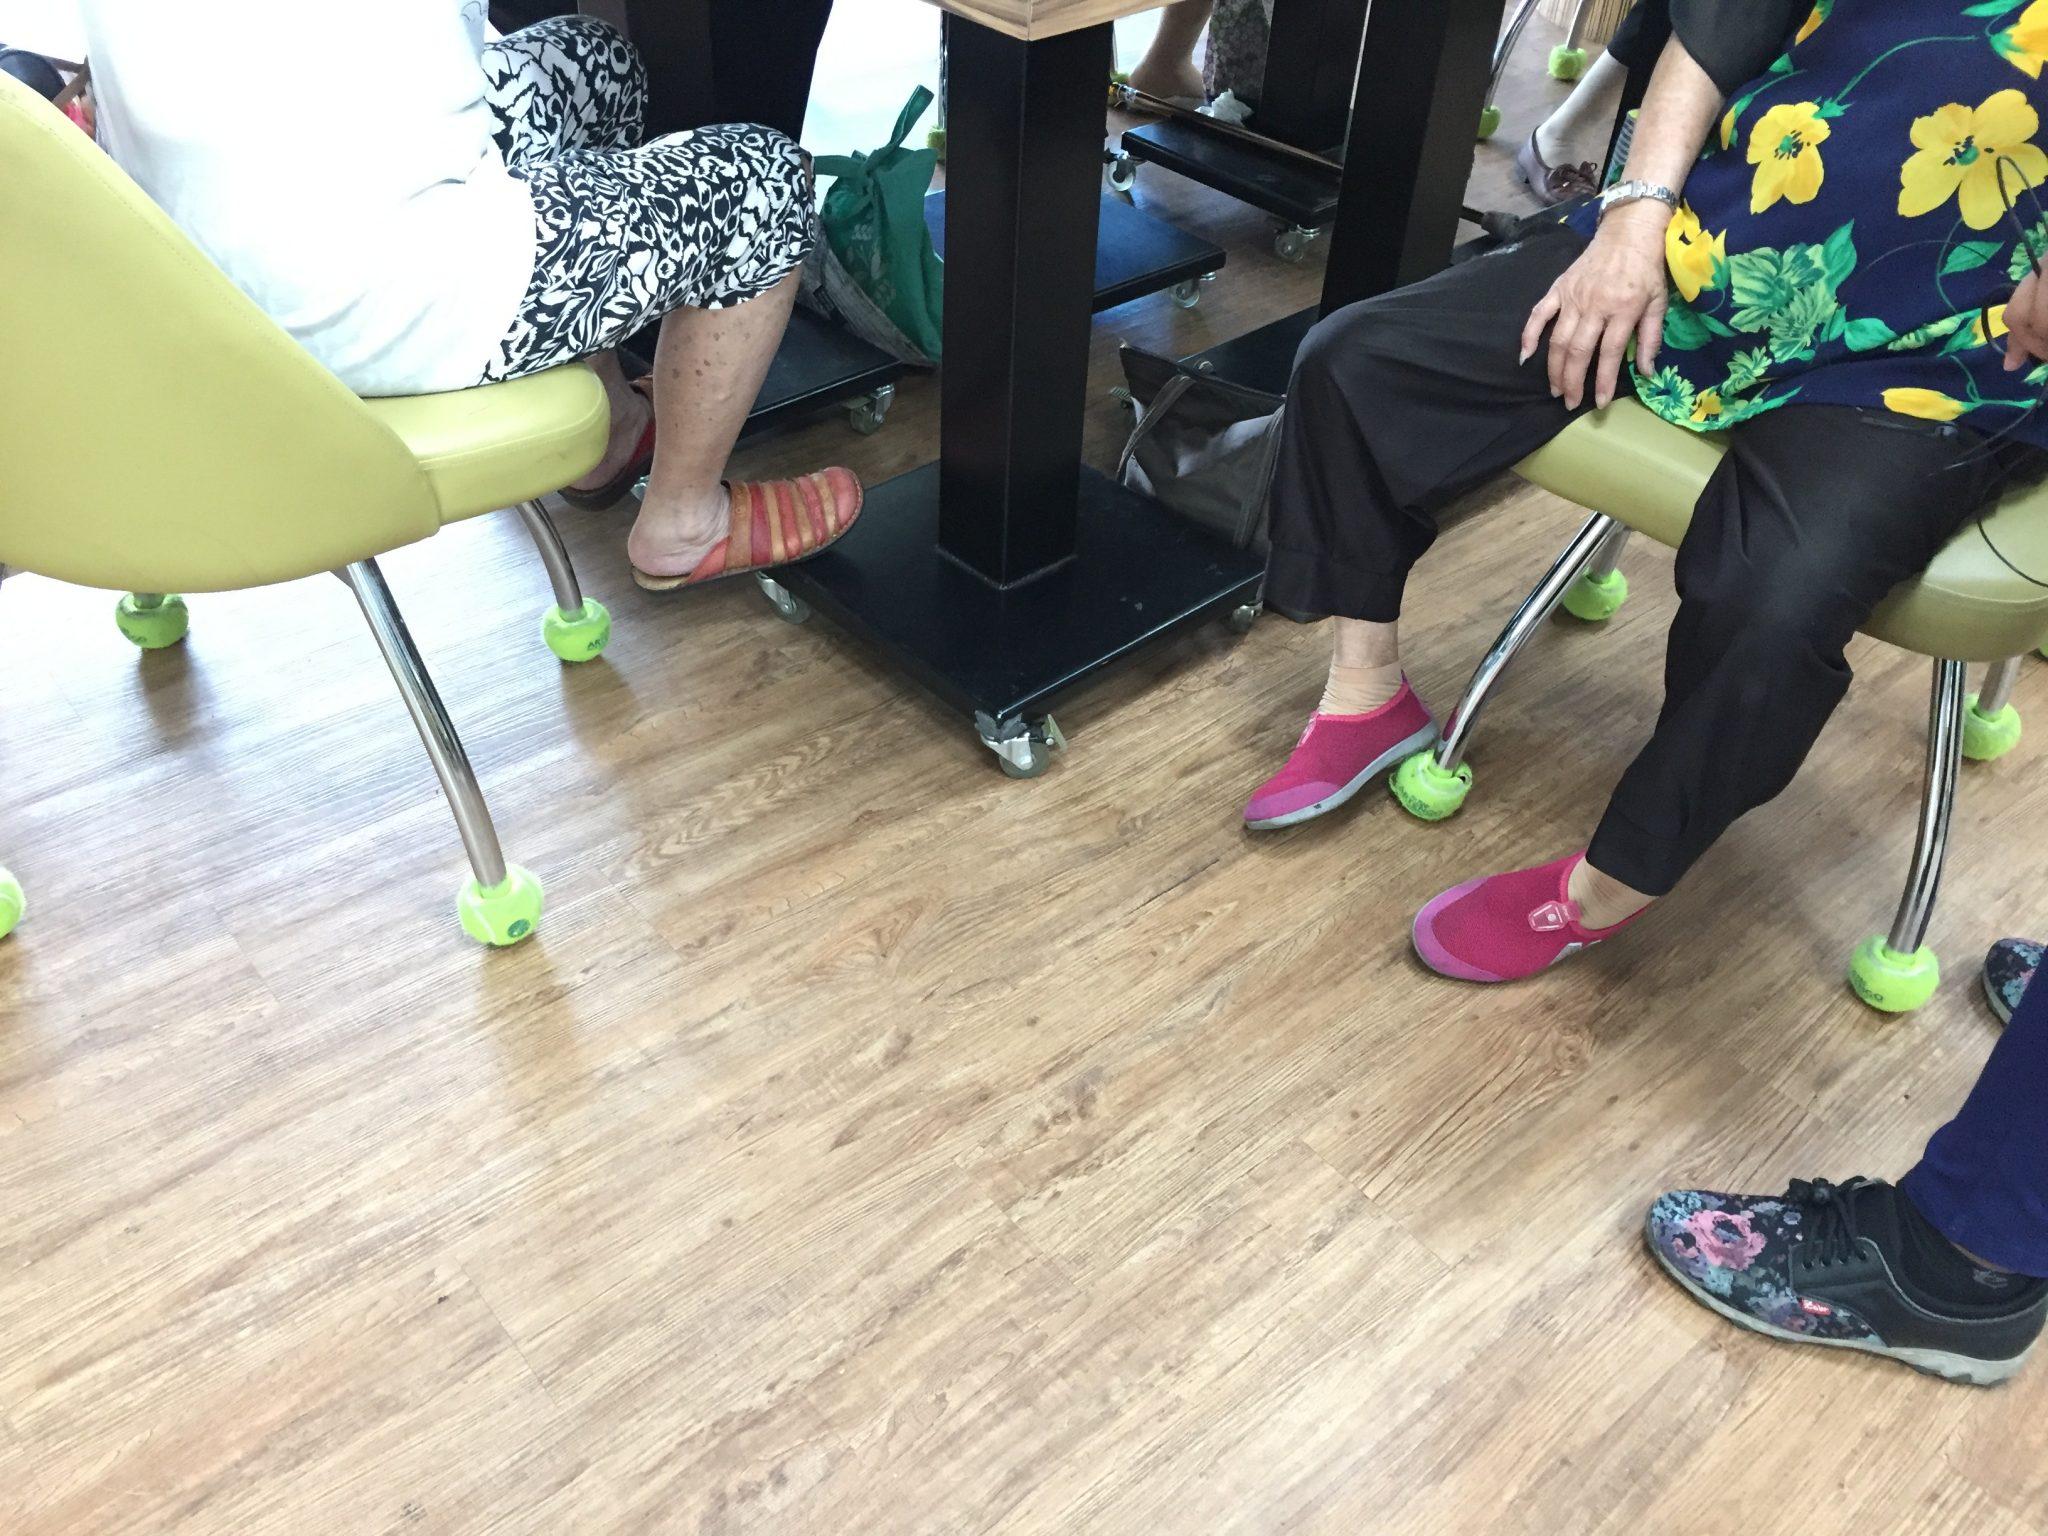 永大樂林居使用廢棄網球為座椅椅腳襪套,即使長者要搬移椅子都很輕鬆。